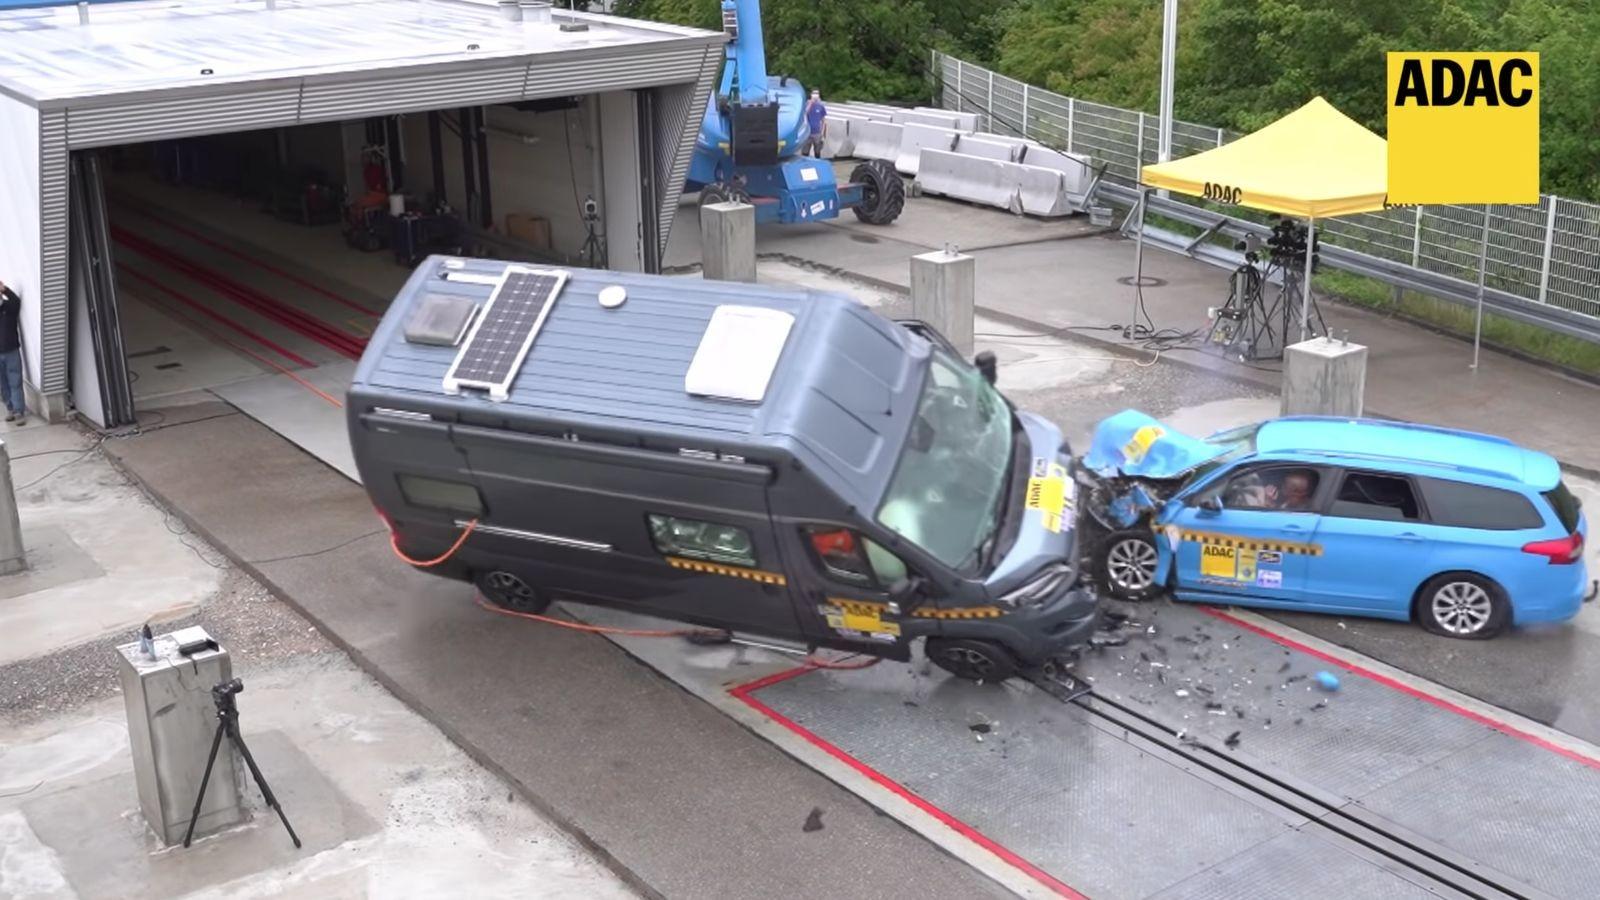 Новый краш-тест ADAC: автодом против легковушки. Шансов выжить почти нет